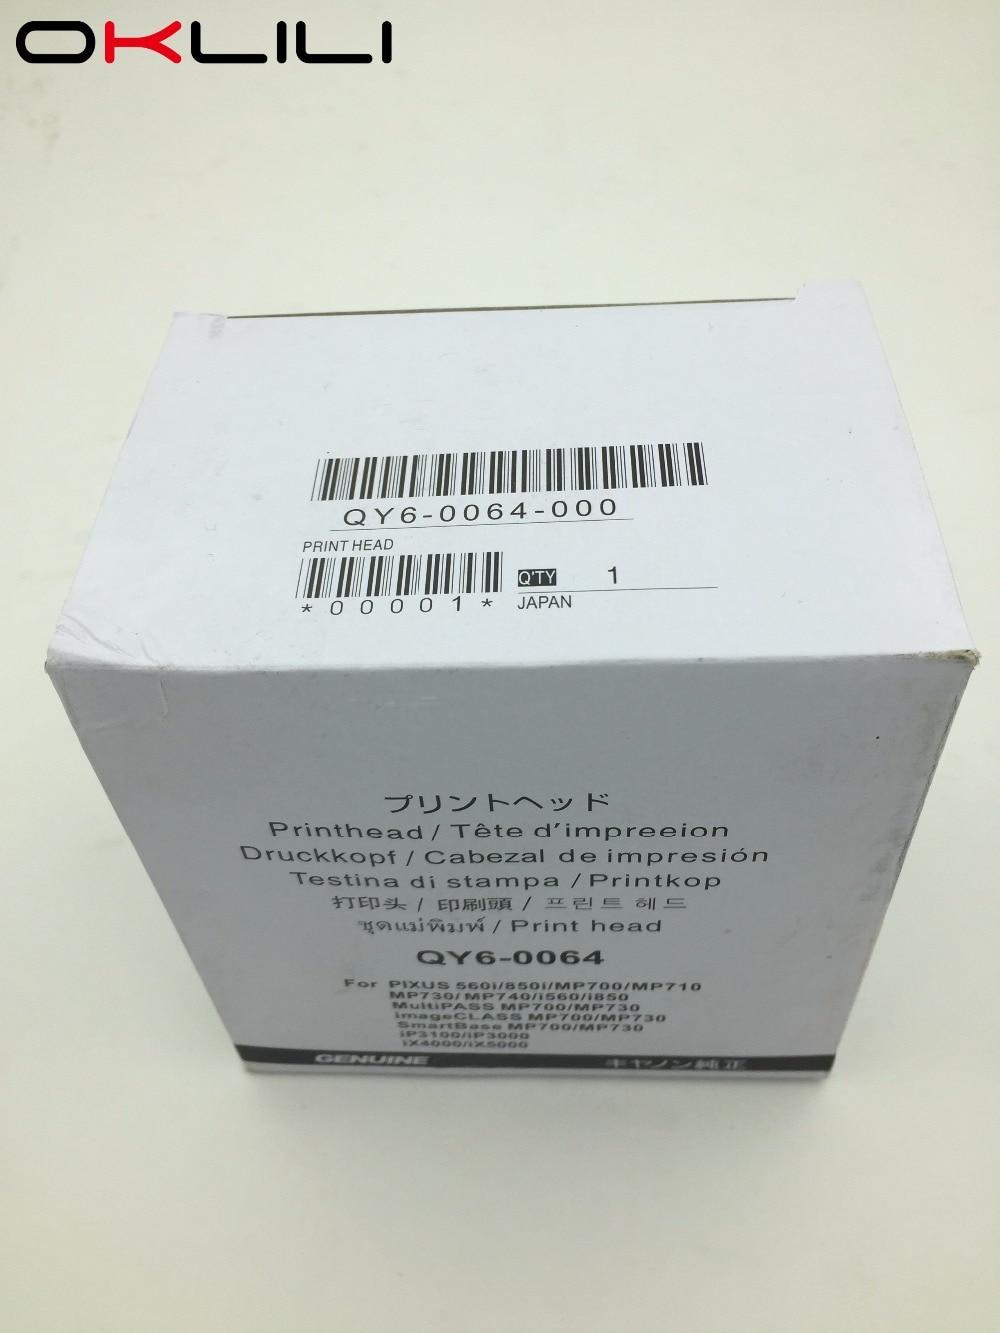 ORIGINAL QY6-0064 Printhead Print Head Printer for Canon 560i 850i MP700 MP710 MP730 MP740 i560 i850 iP3100 iP300 iX4000 iX5000